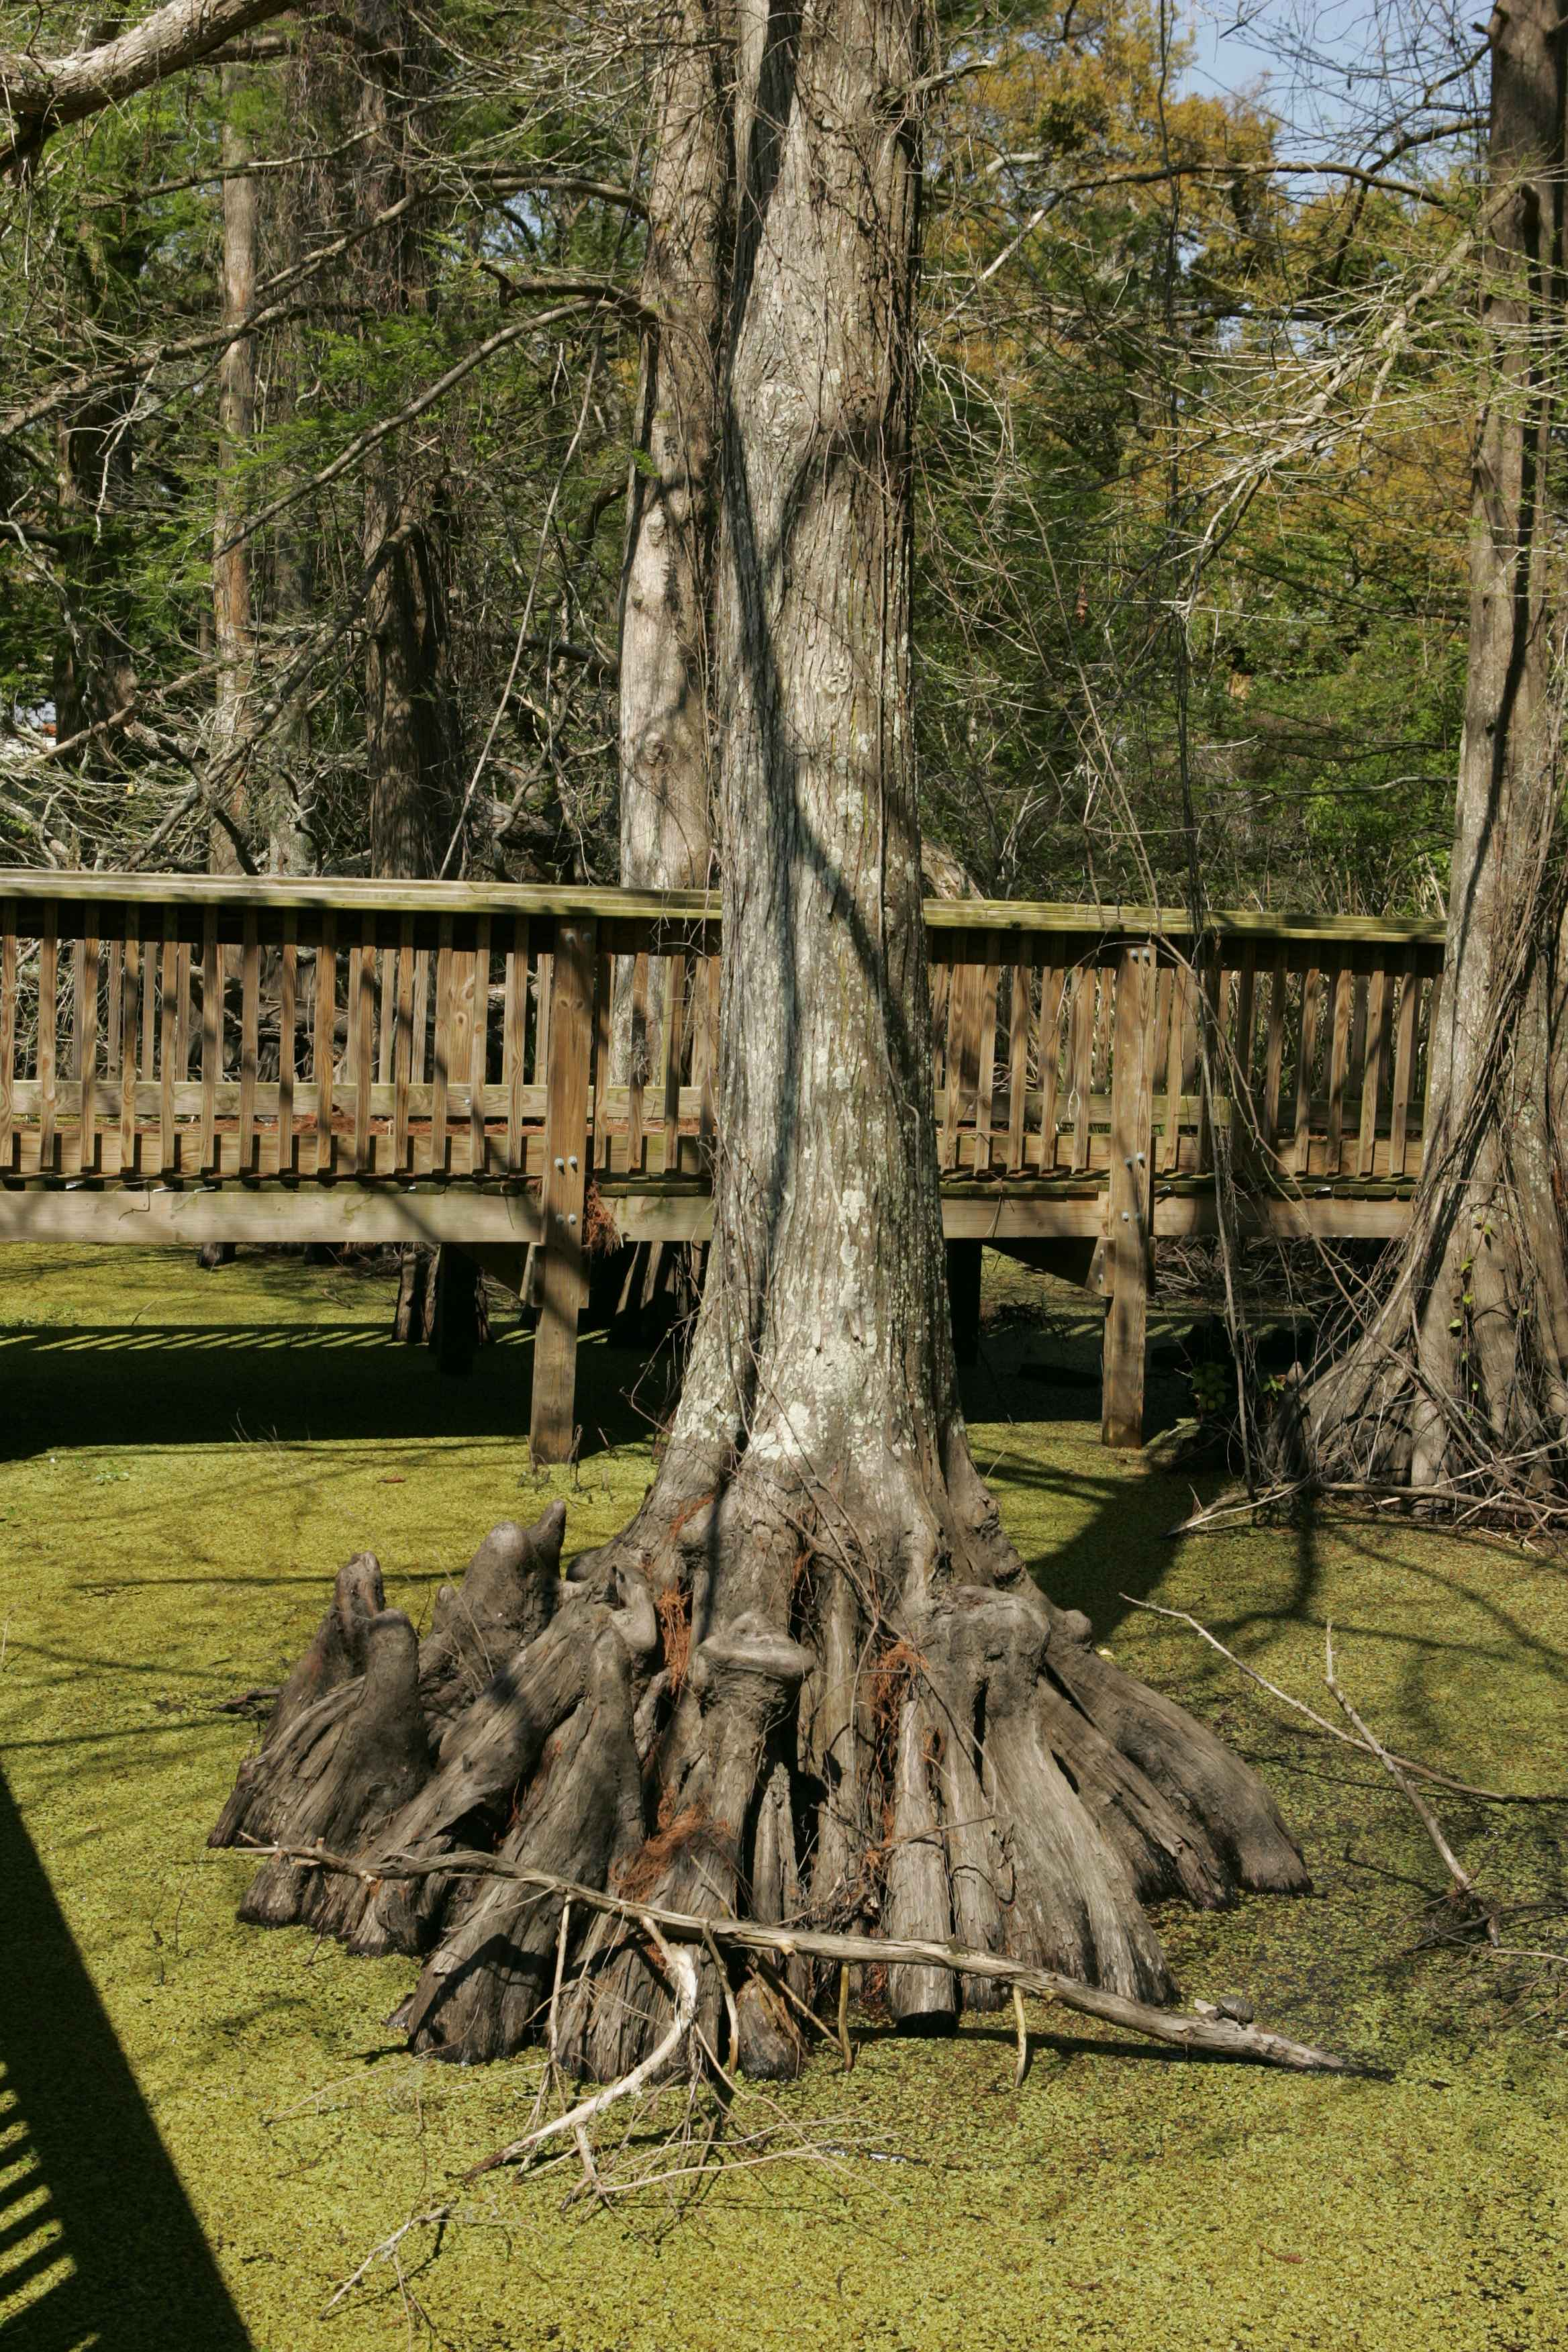 Kostenlose Bild: kahl, Zypresse, Bäume, Wasserpflanzen, wachsen, See